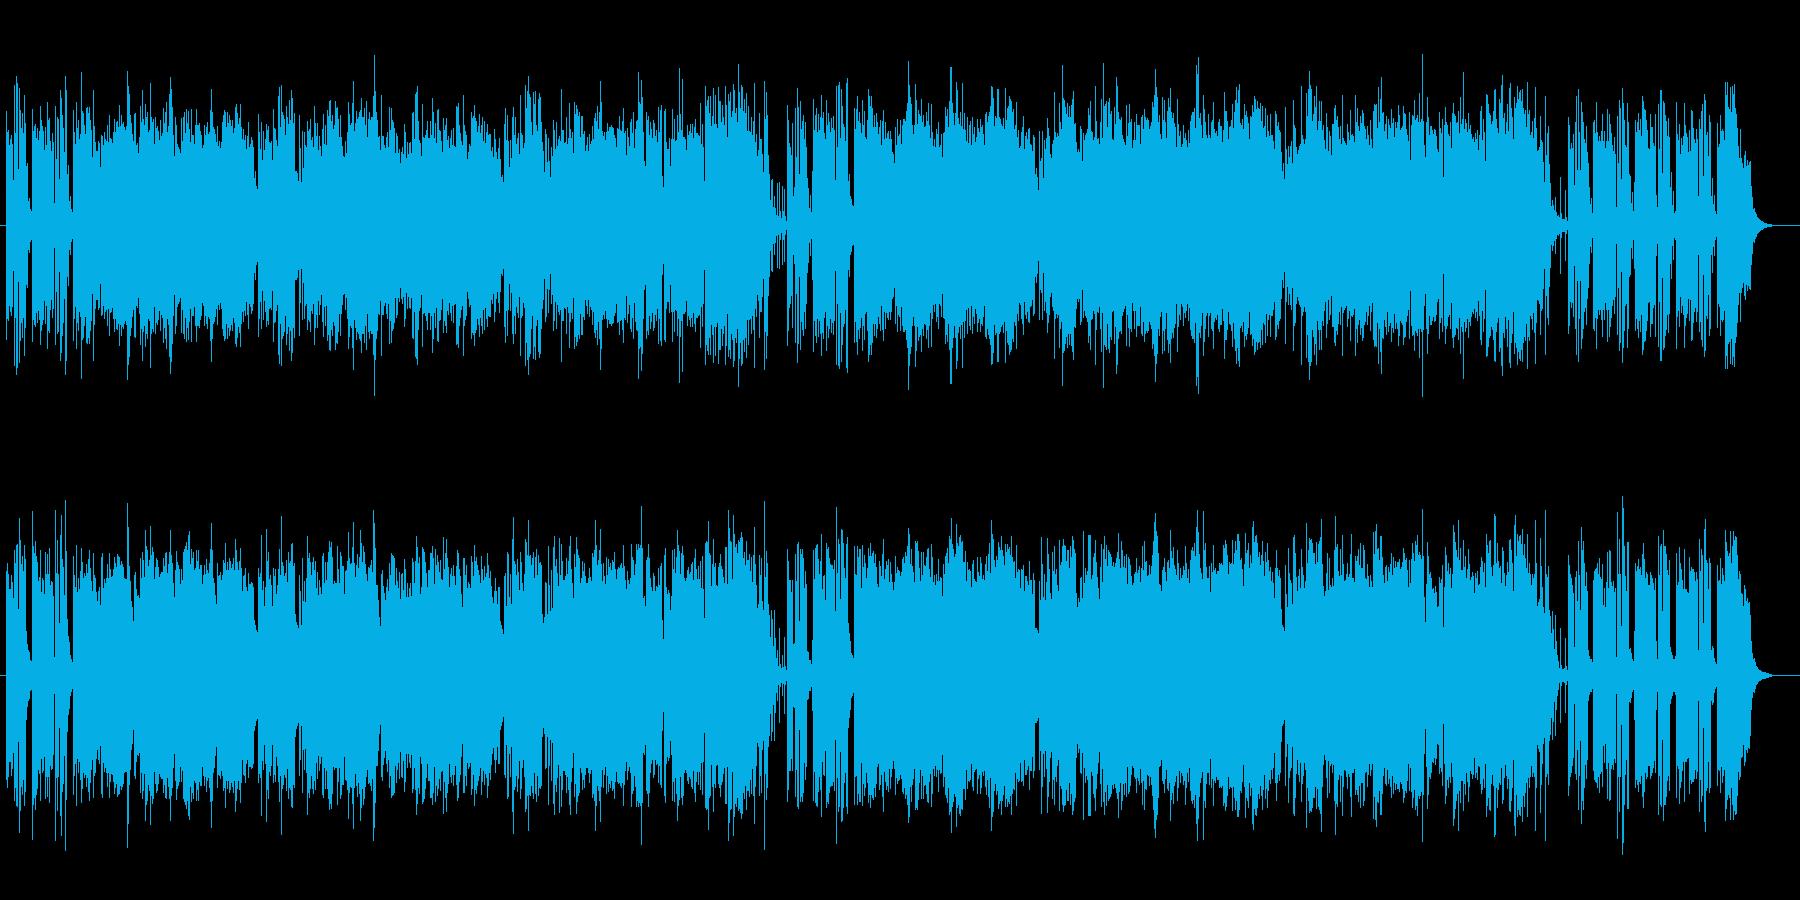 緩やかで軽快なピアノとアコギサウンドの再生済みの波形